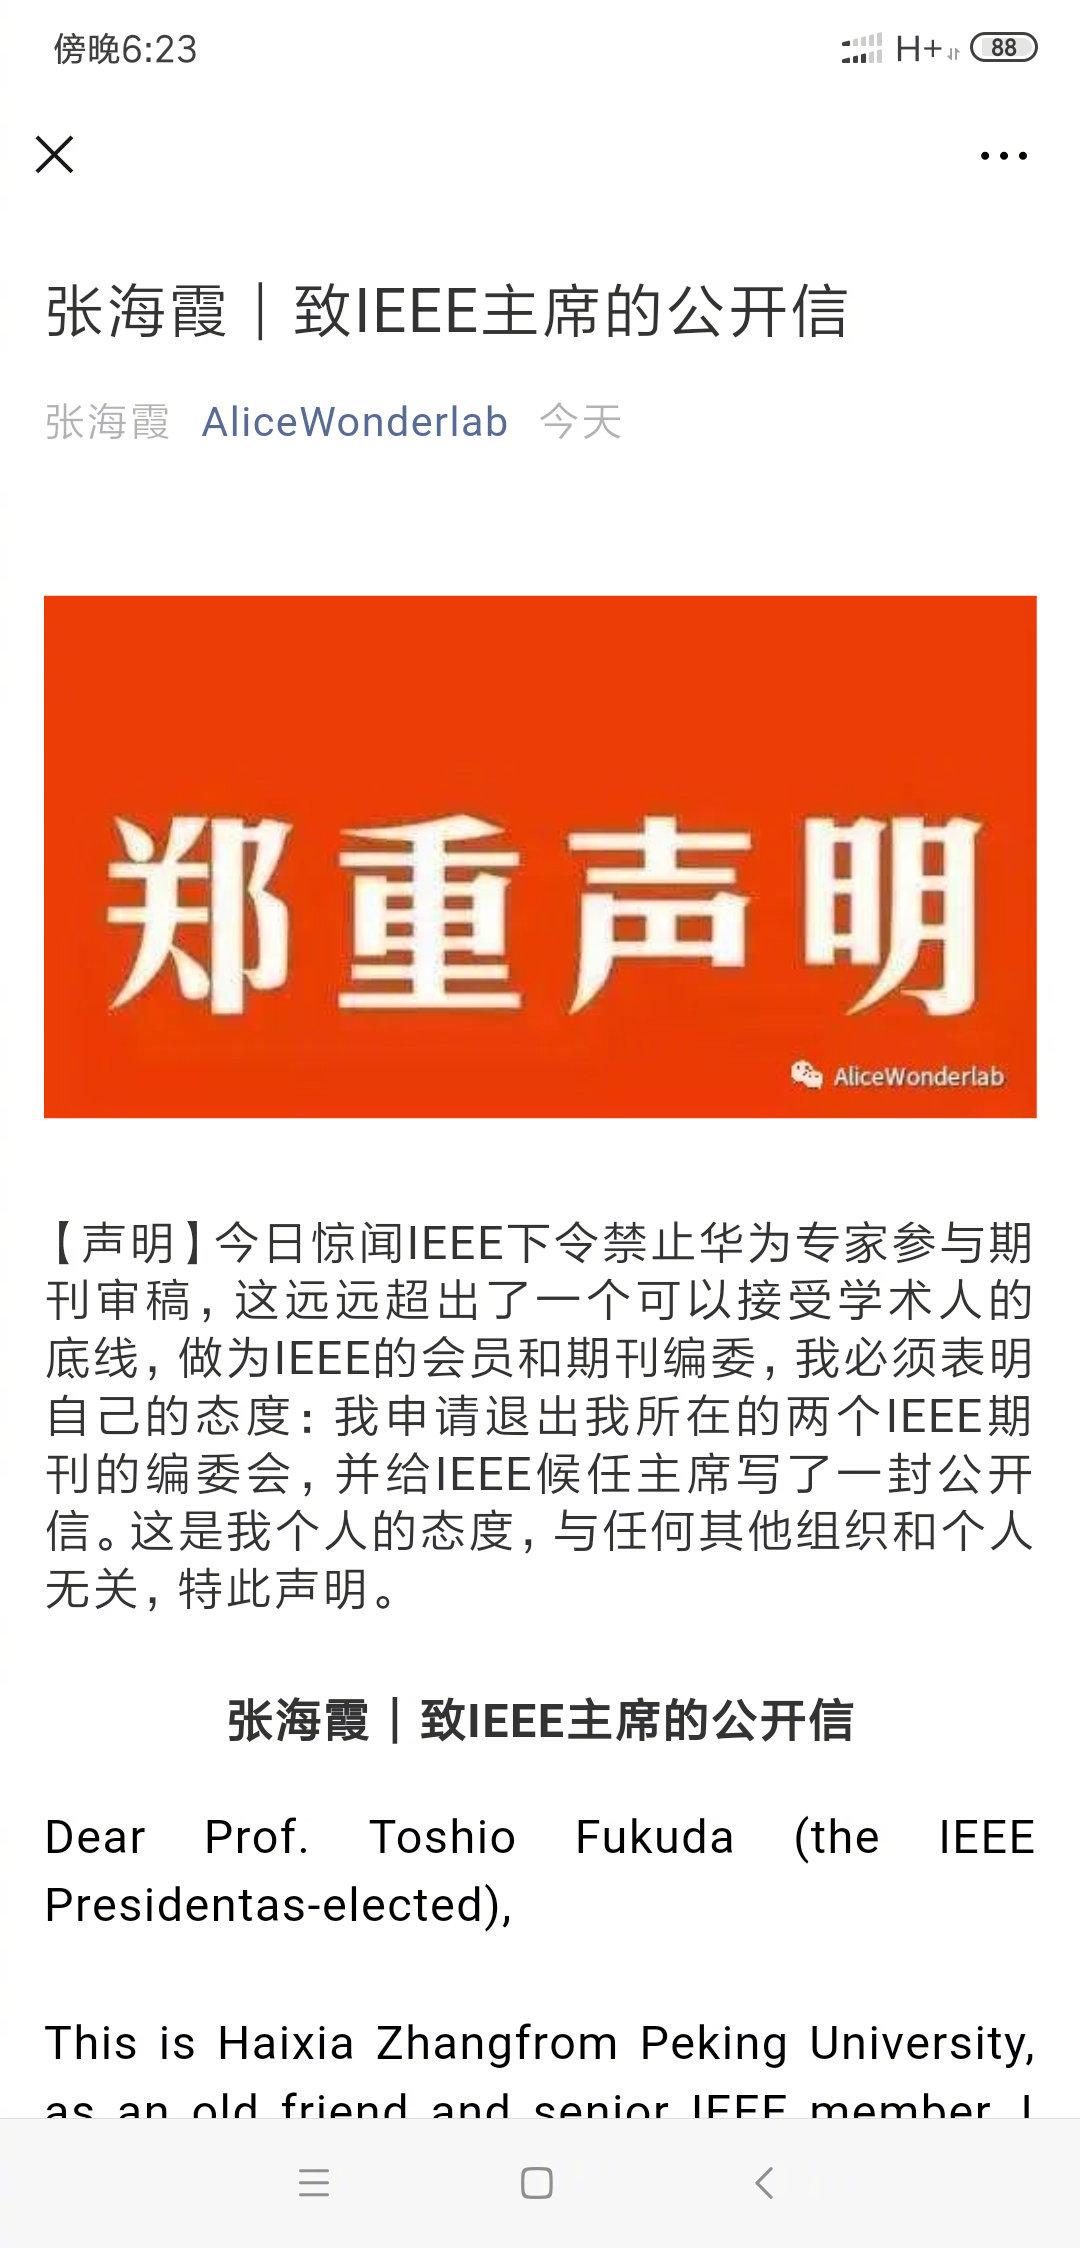 北大教授张海霞致IEEE主席公开信:申请退出编委会